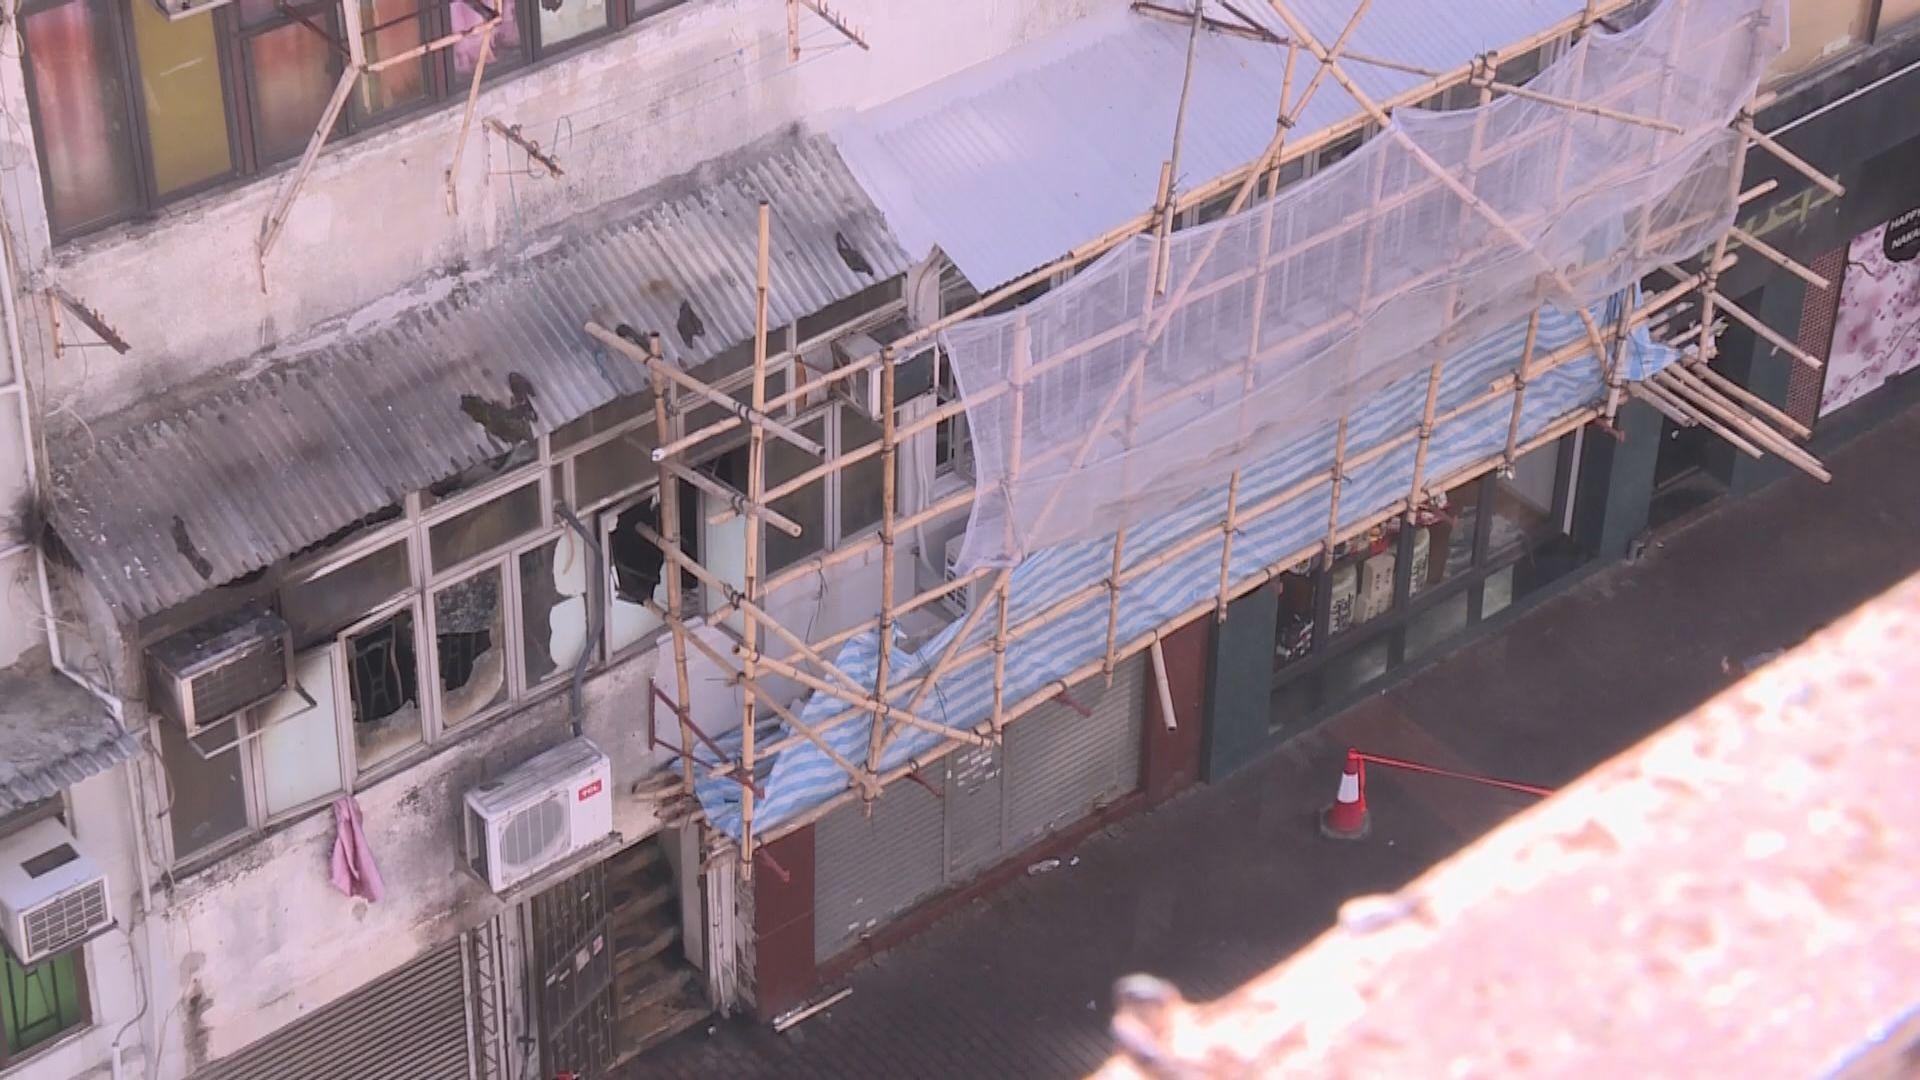 油麻地唐樓大火增至八死 初步調查指門口蠟燭點燃物品令人難以逃生